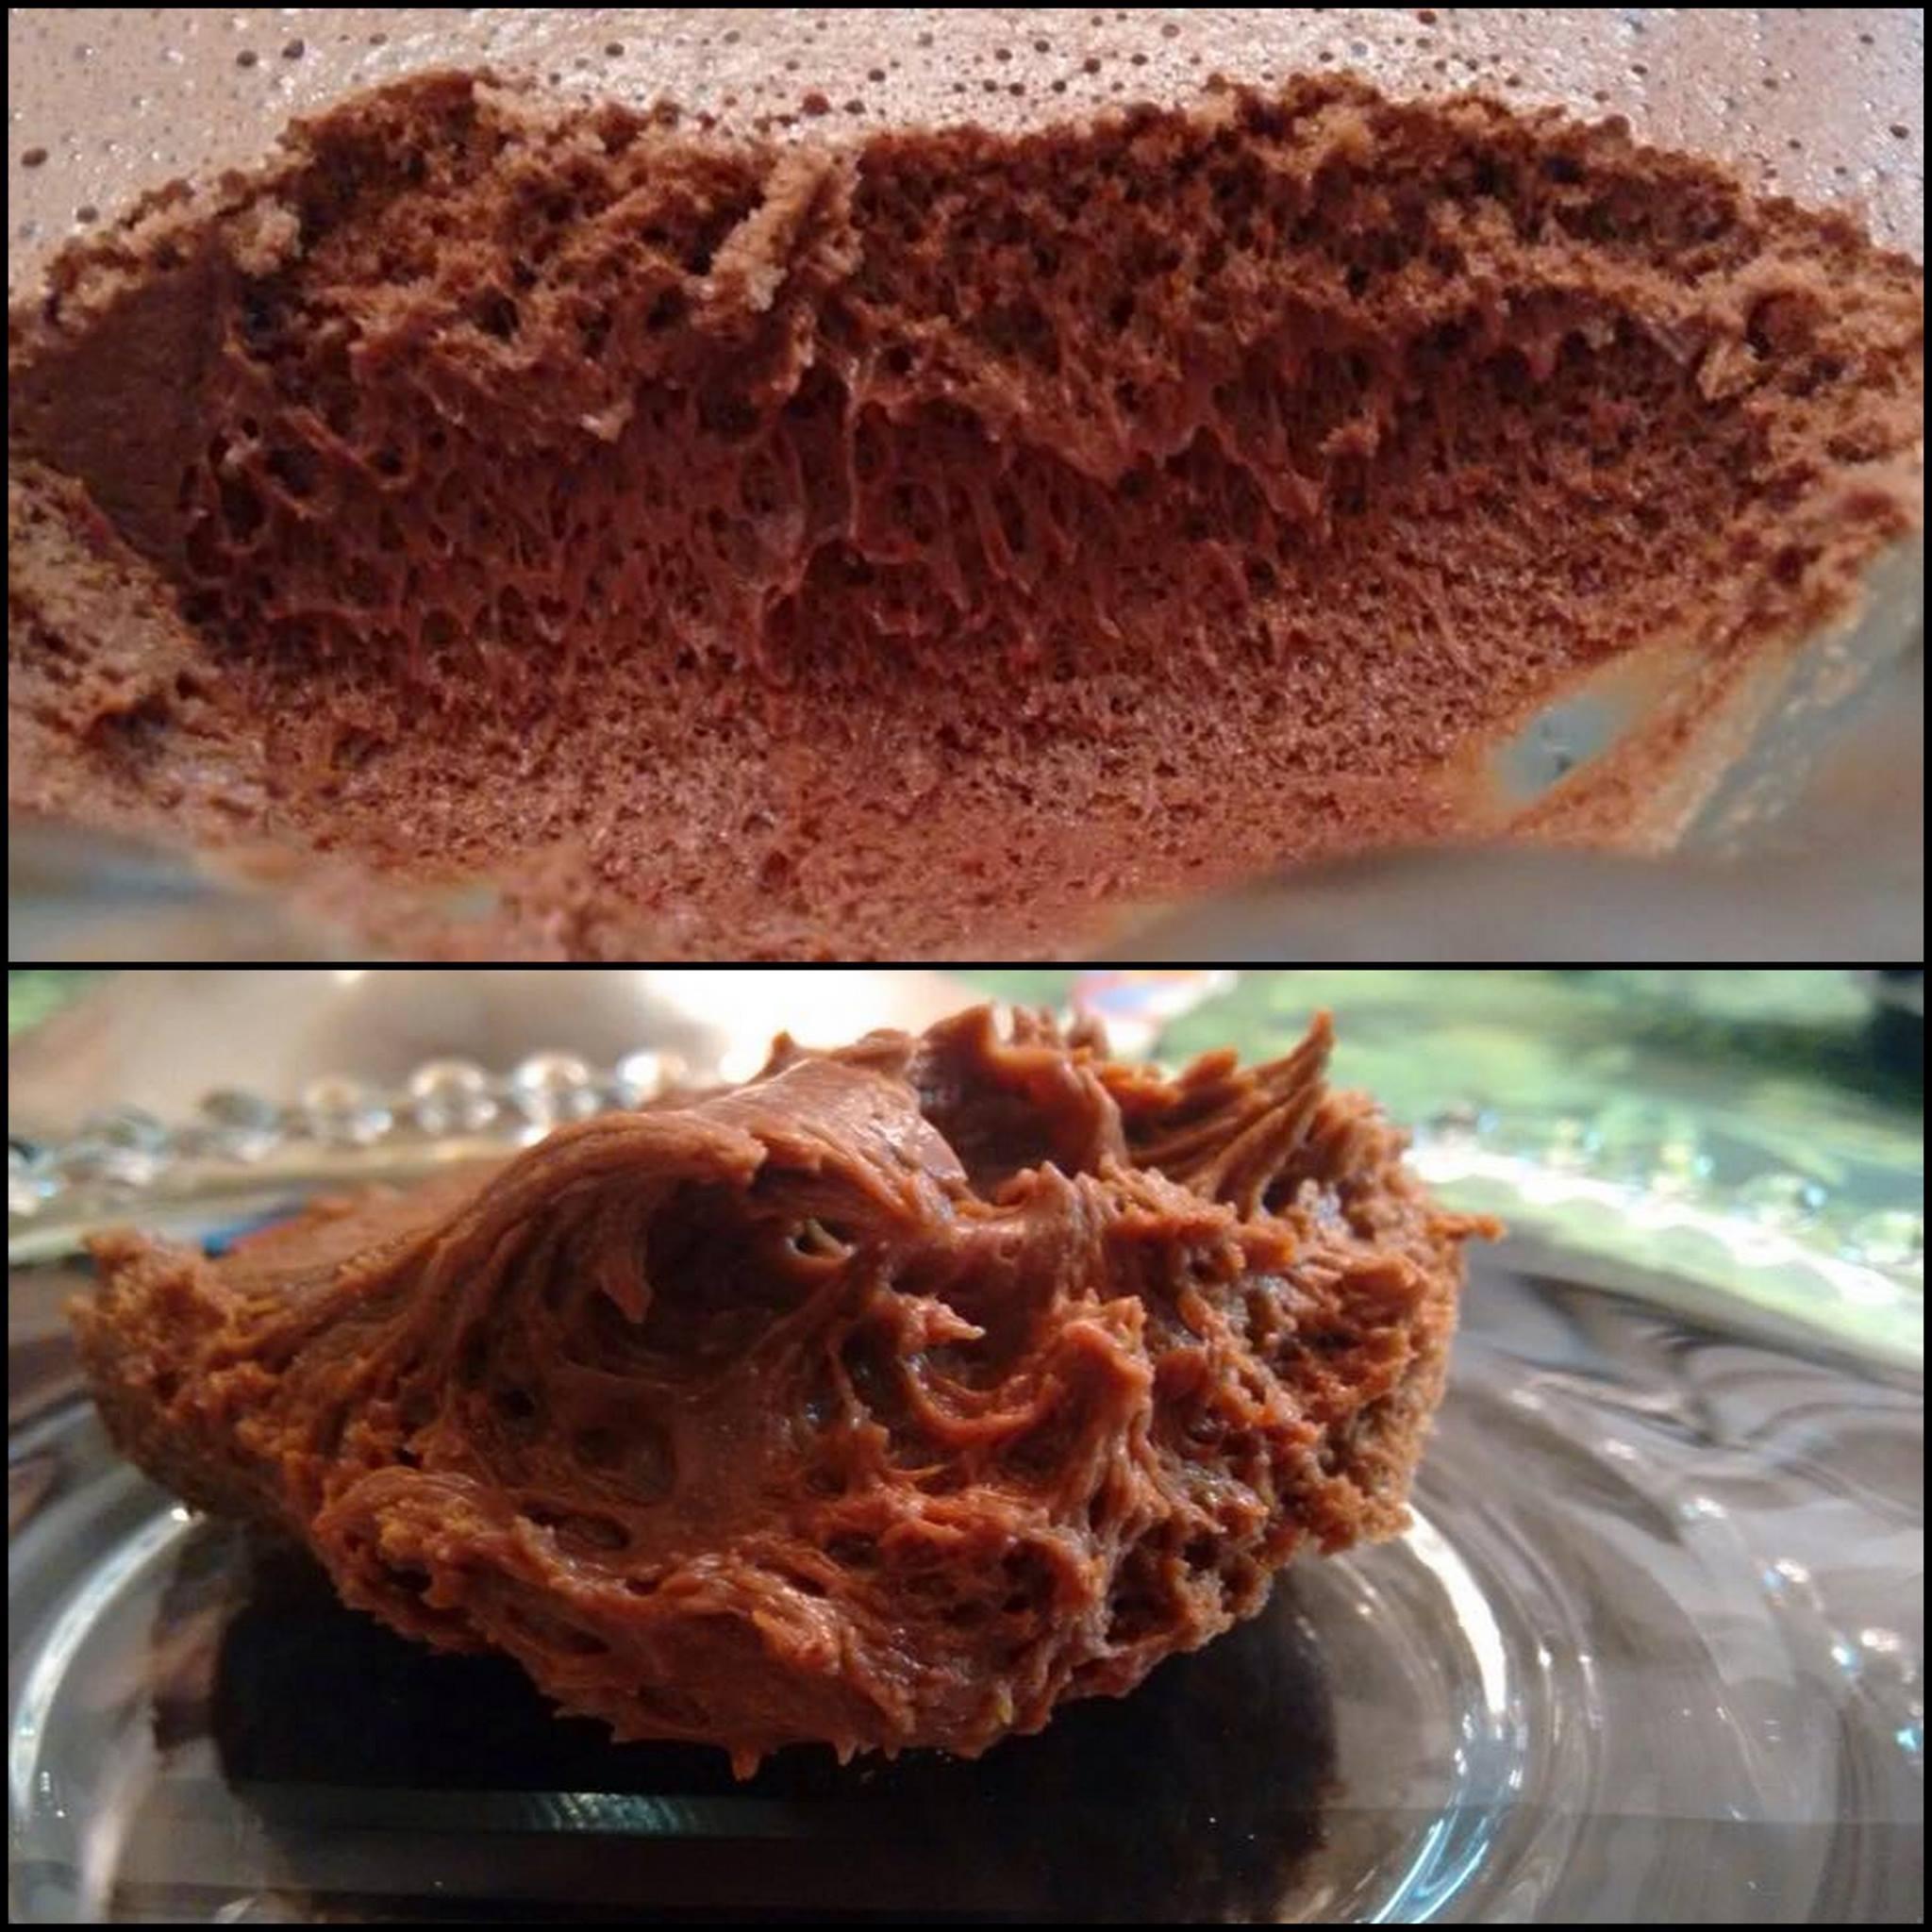 Mousse de Chocolate com textura perfeita!